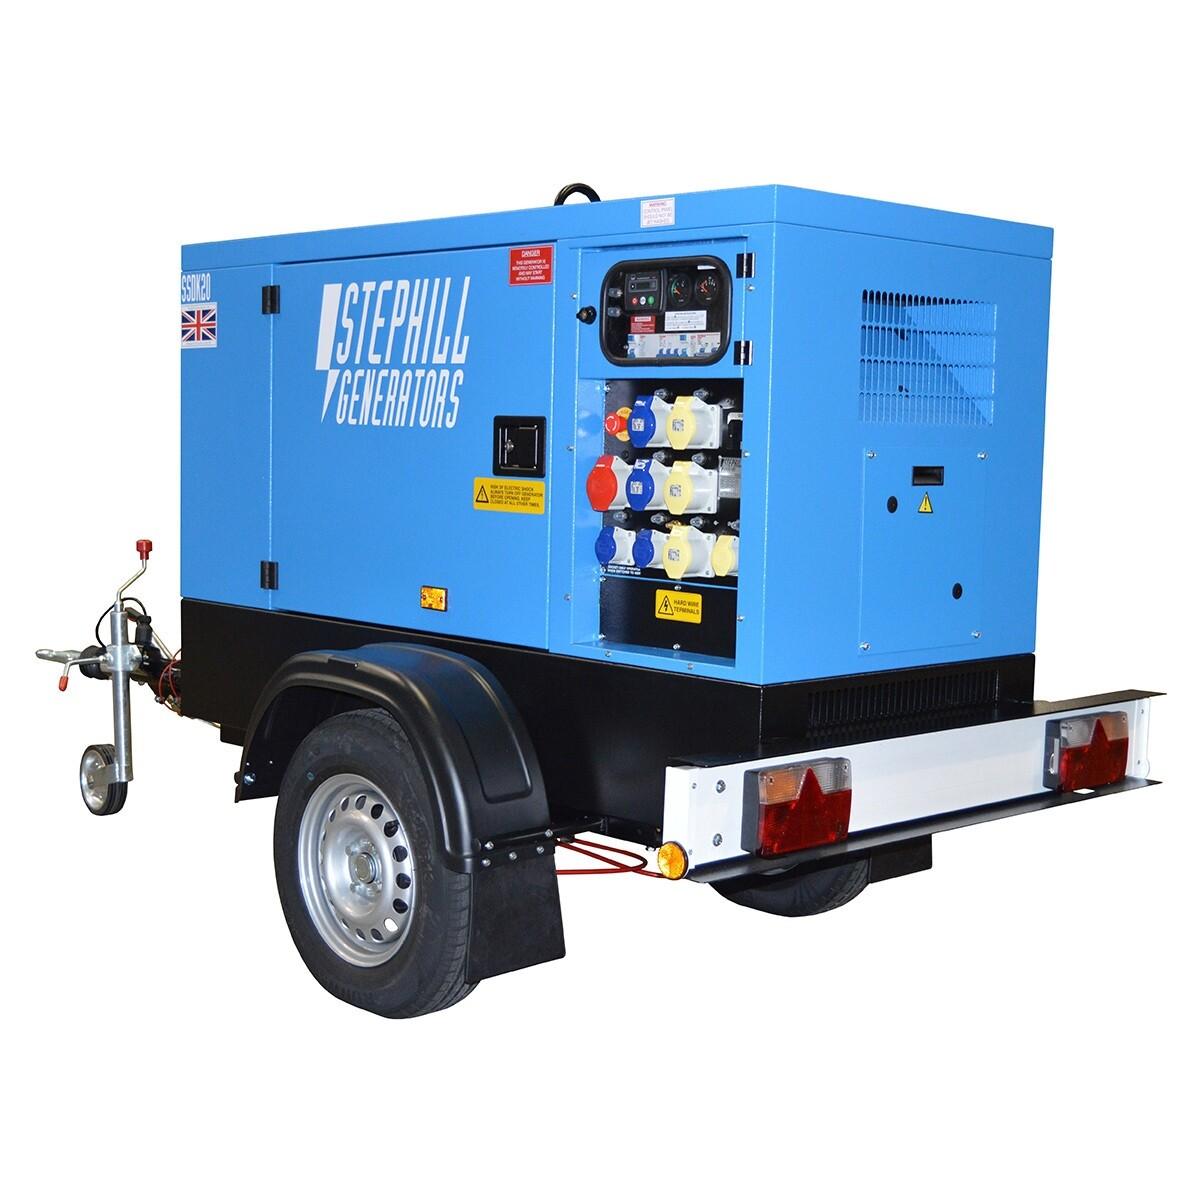 25.0 kva Super Silent Diesel Generator Road Towable